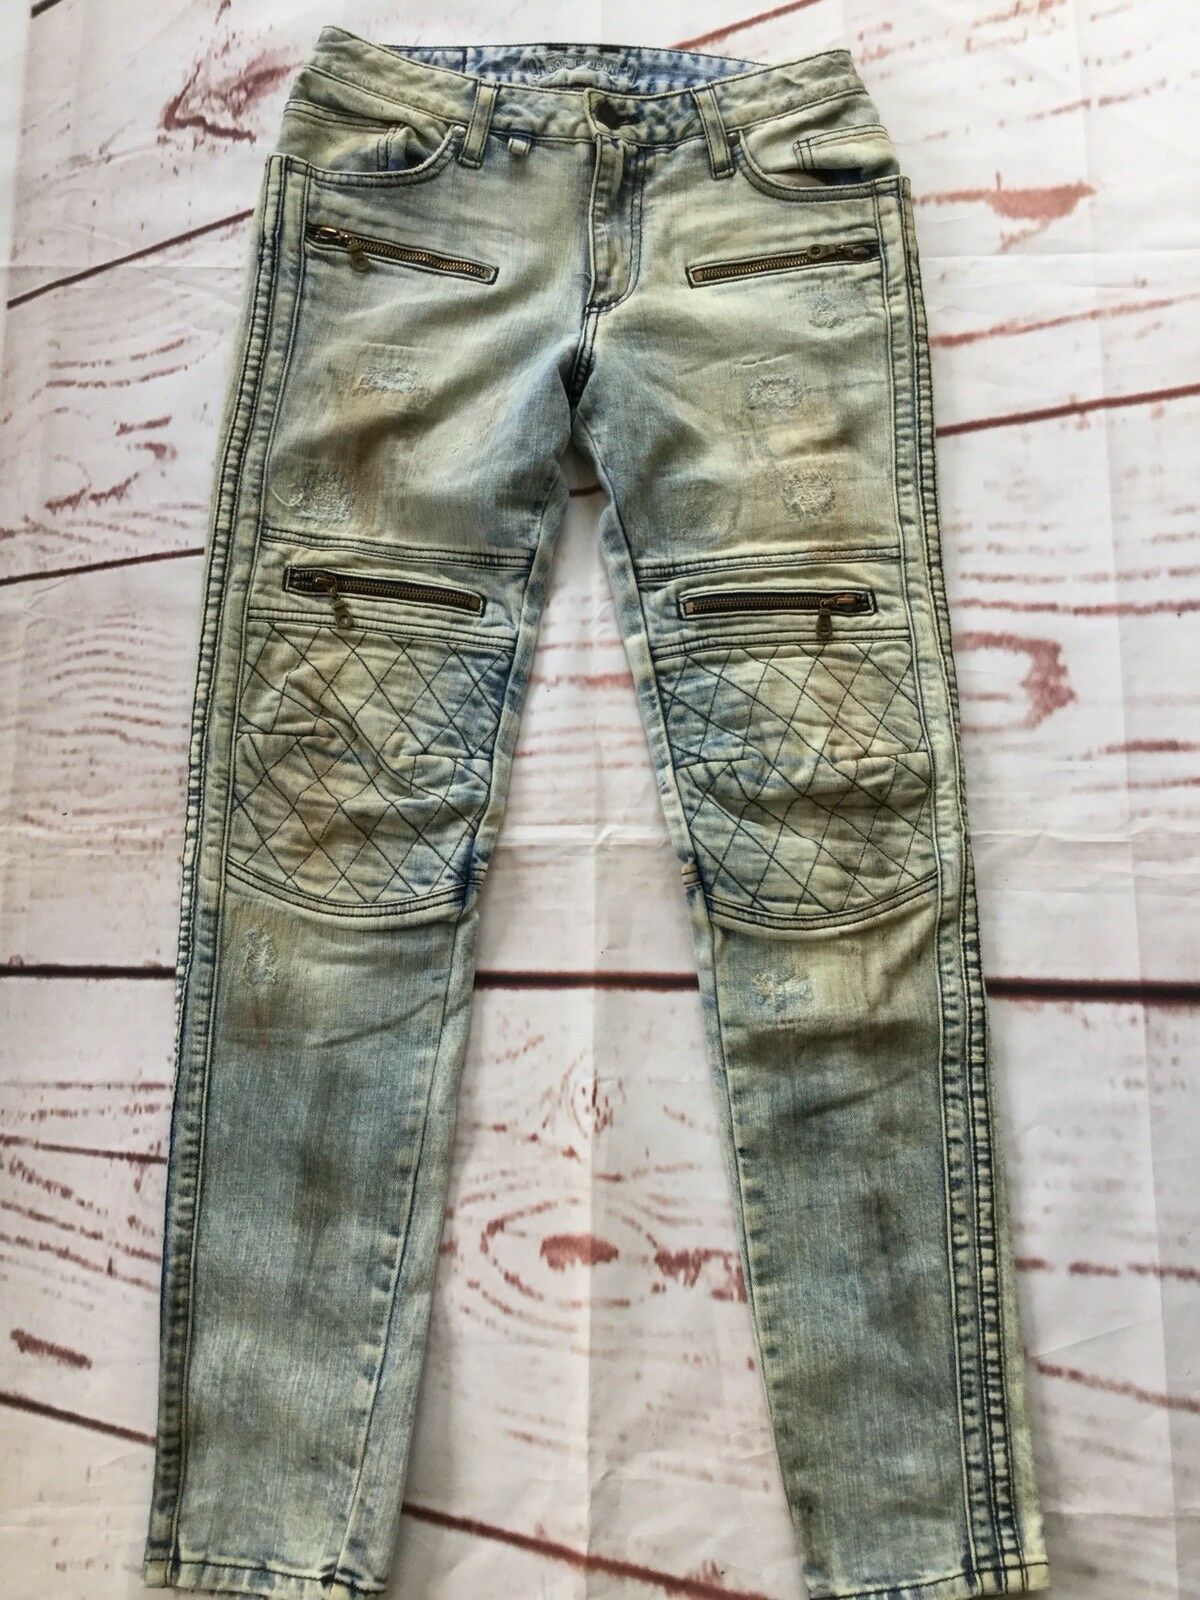 Robin's Jean Men's Raver Slim Skinny Moto Biker Jeans Zip Details Size 29